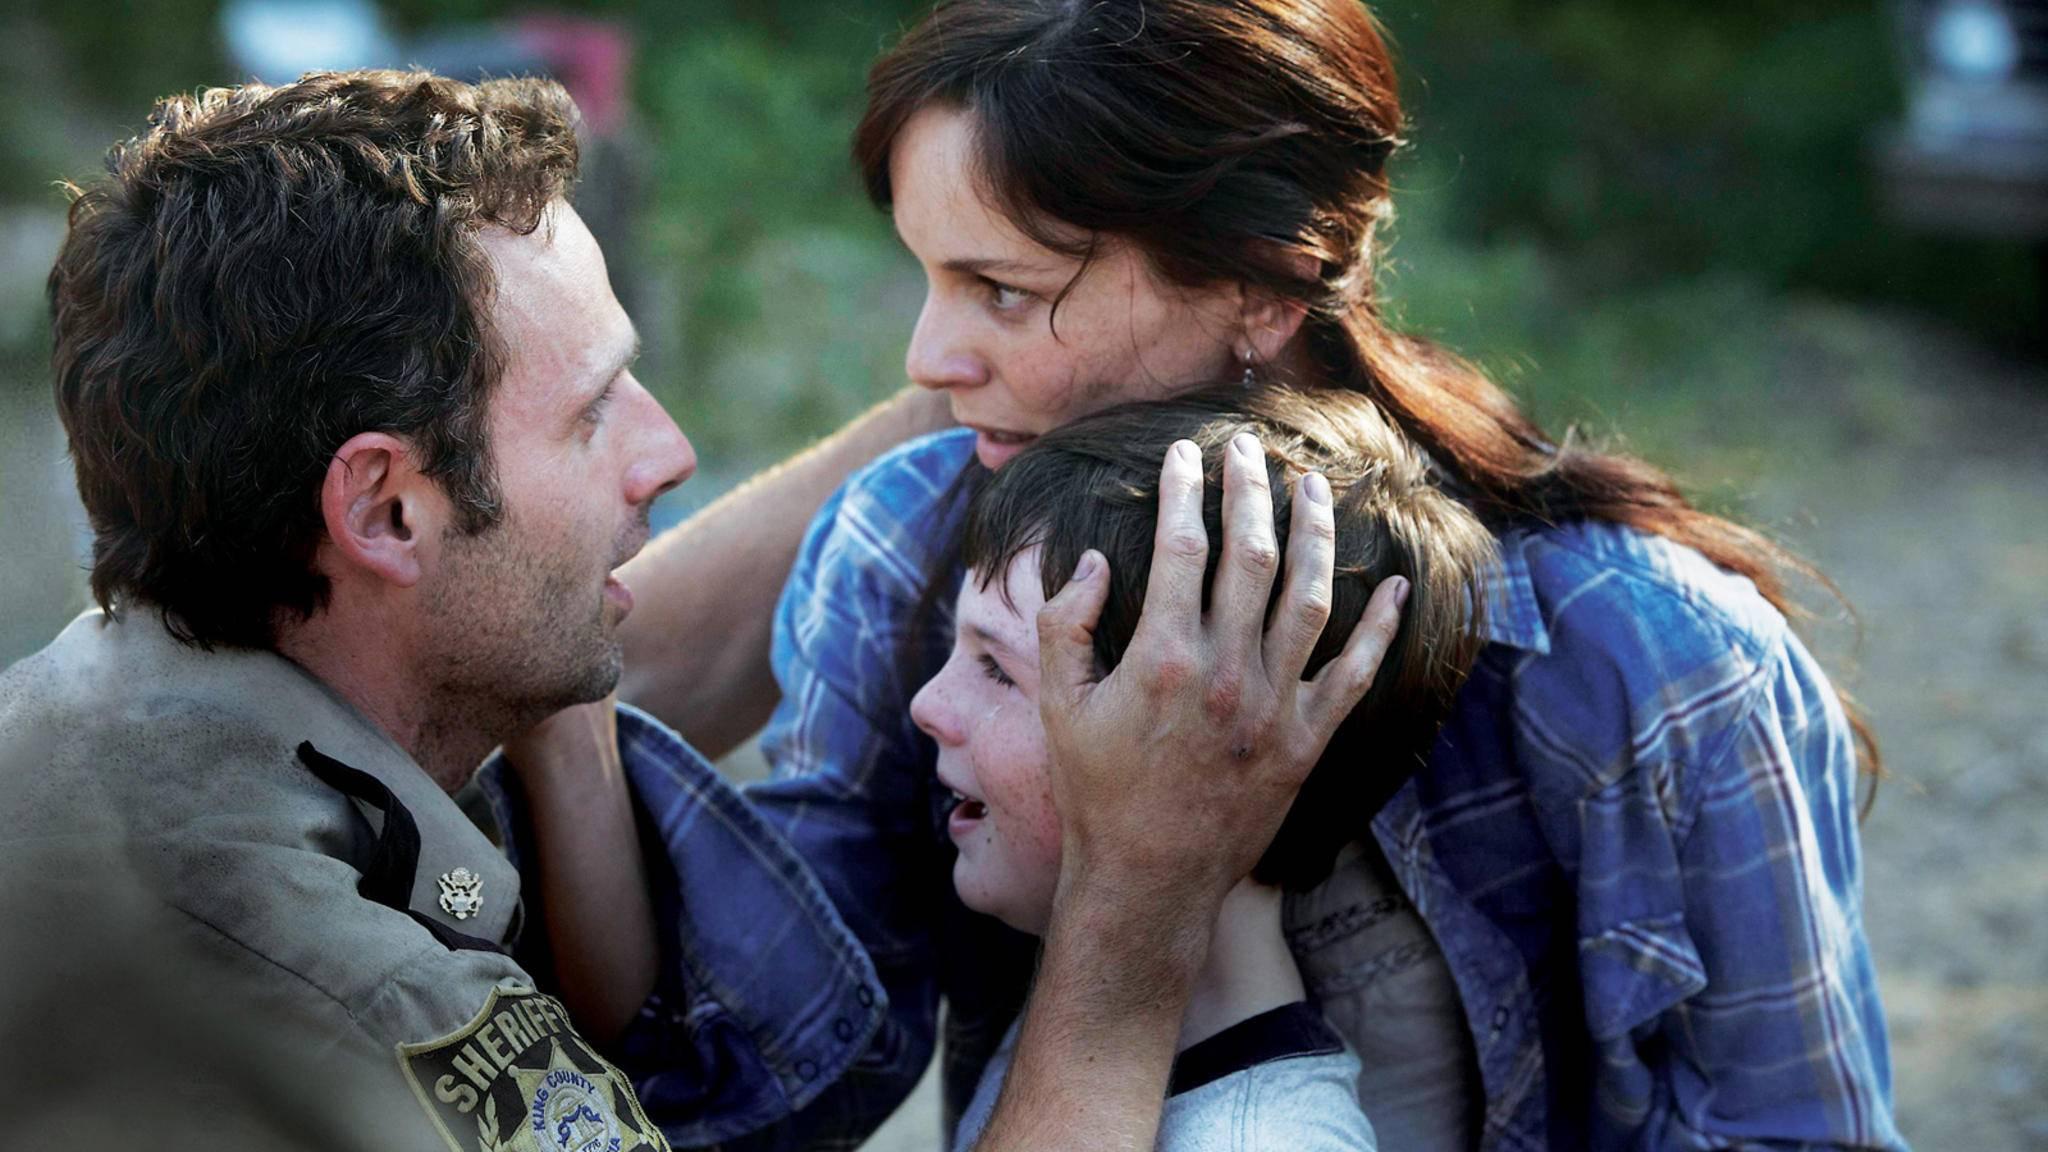 The Walking Dead_Rick Grimes_Carl Grimes_Lori Grimes